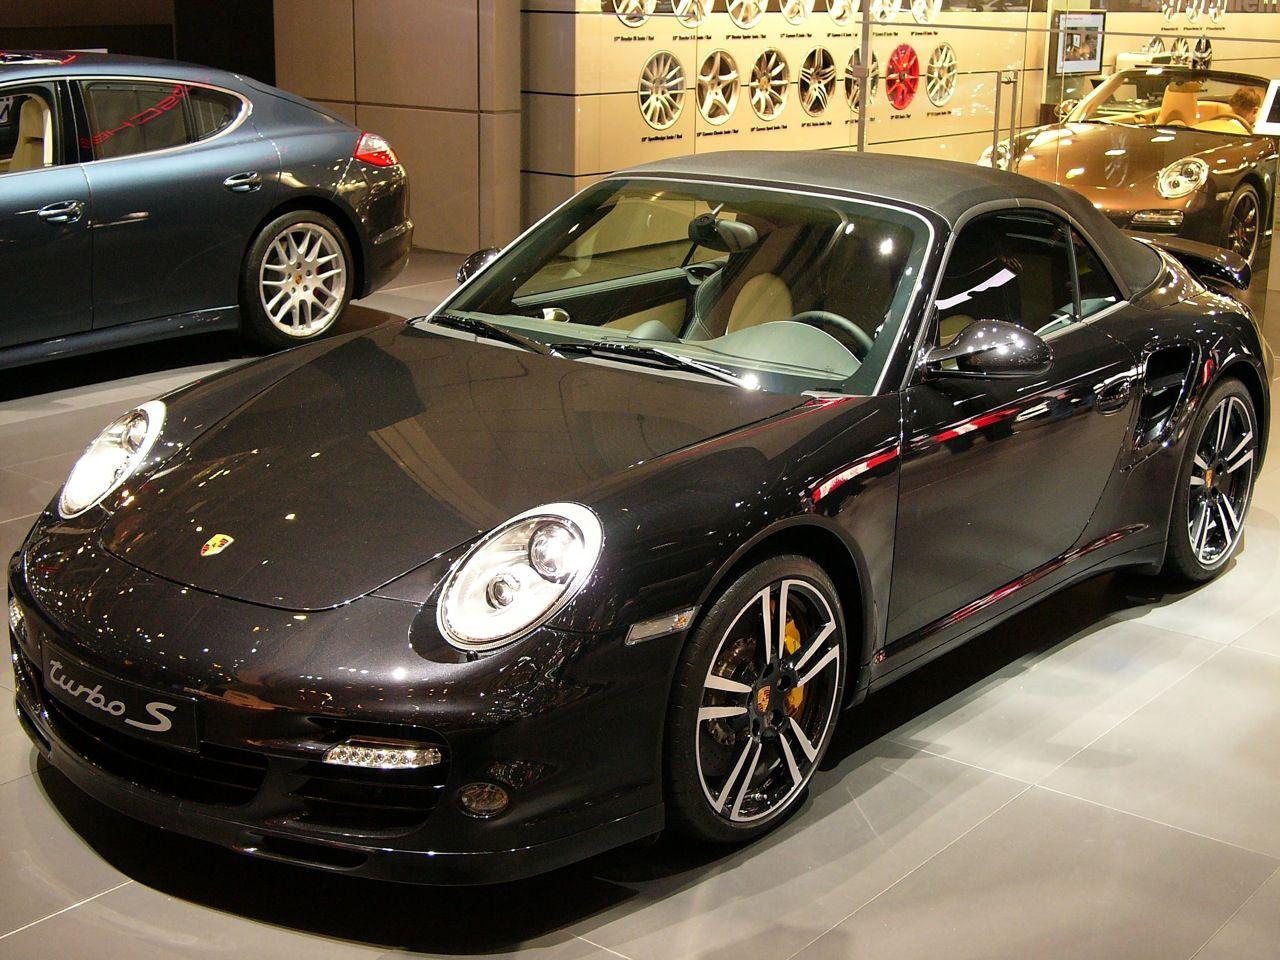 Porsche Carrera Turbo S Cabrio Porsche 911 Turbo Porsche Porsche 911